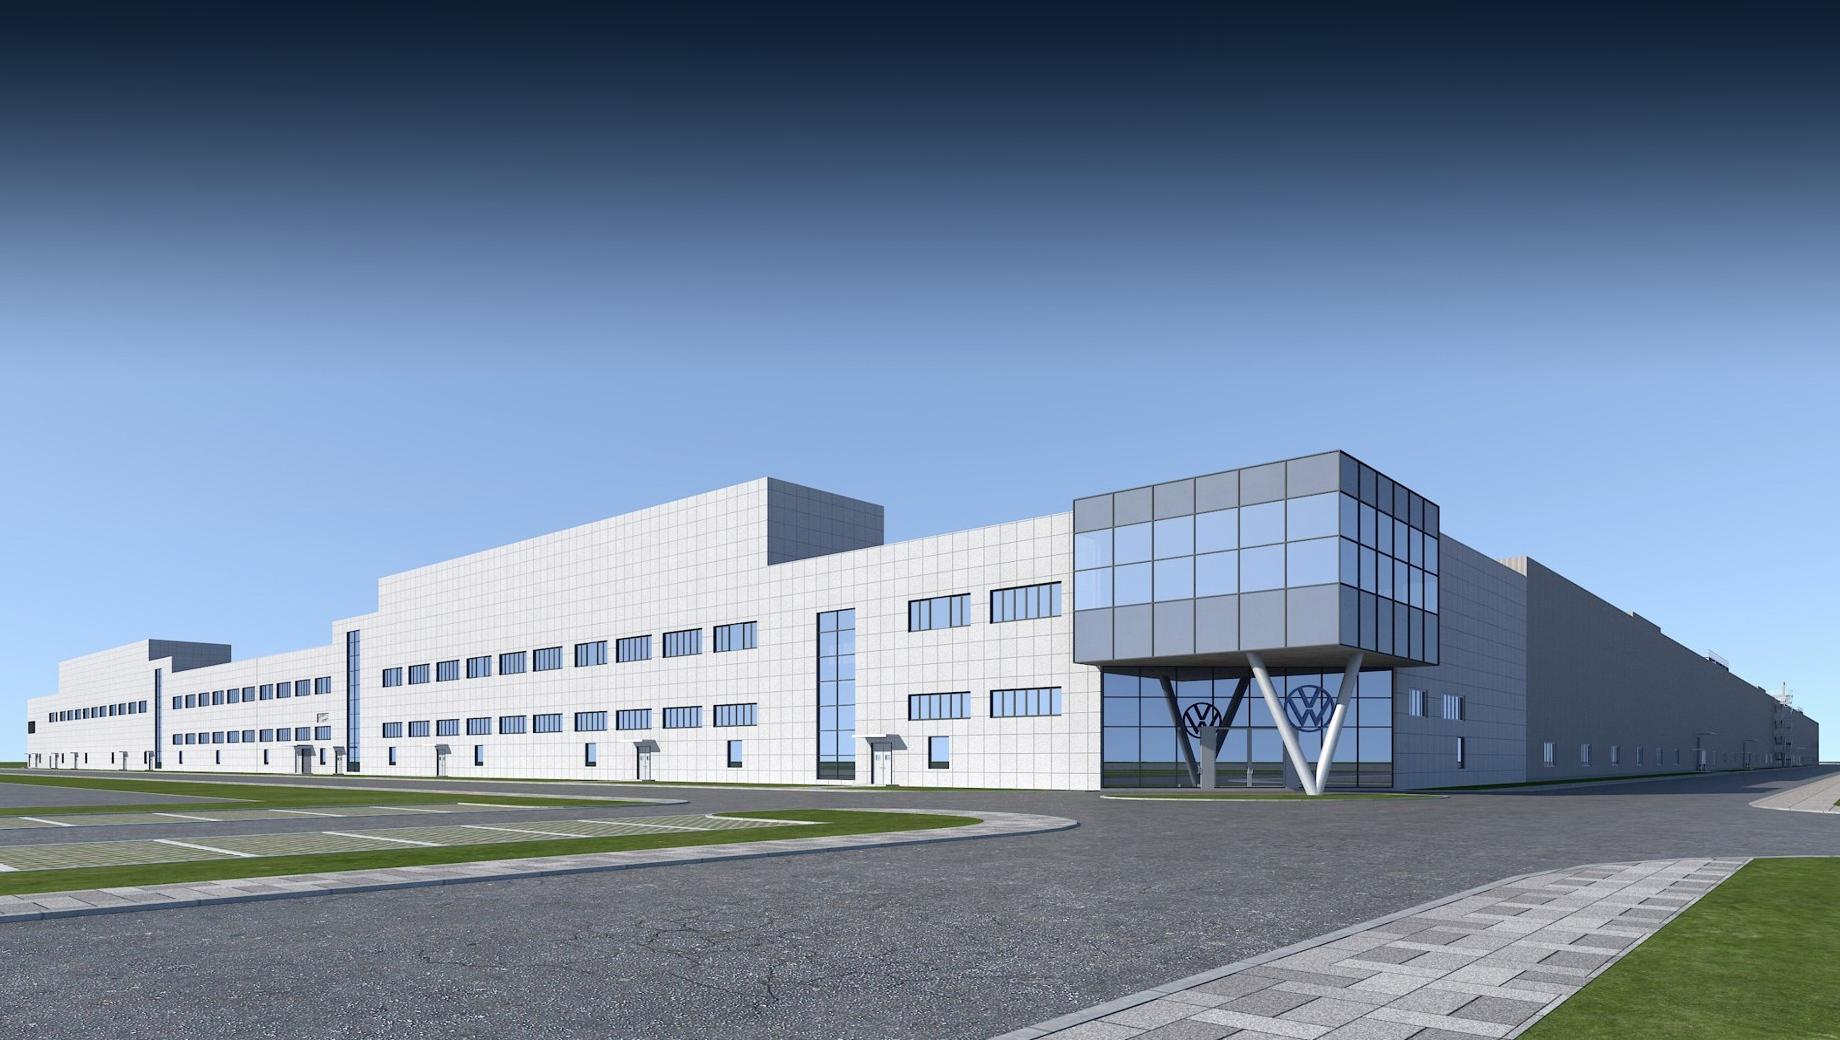 Volkswagen id 2. Предприятие на 500 000 м² с техническим центром и сопутствующими объектами должно получать энергию из возобновляемых источников. Проект предусматривает расширение и переоснащение бывшего завода JAC, перешедшего под контроль VW, плюс новый кузовной цех.